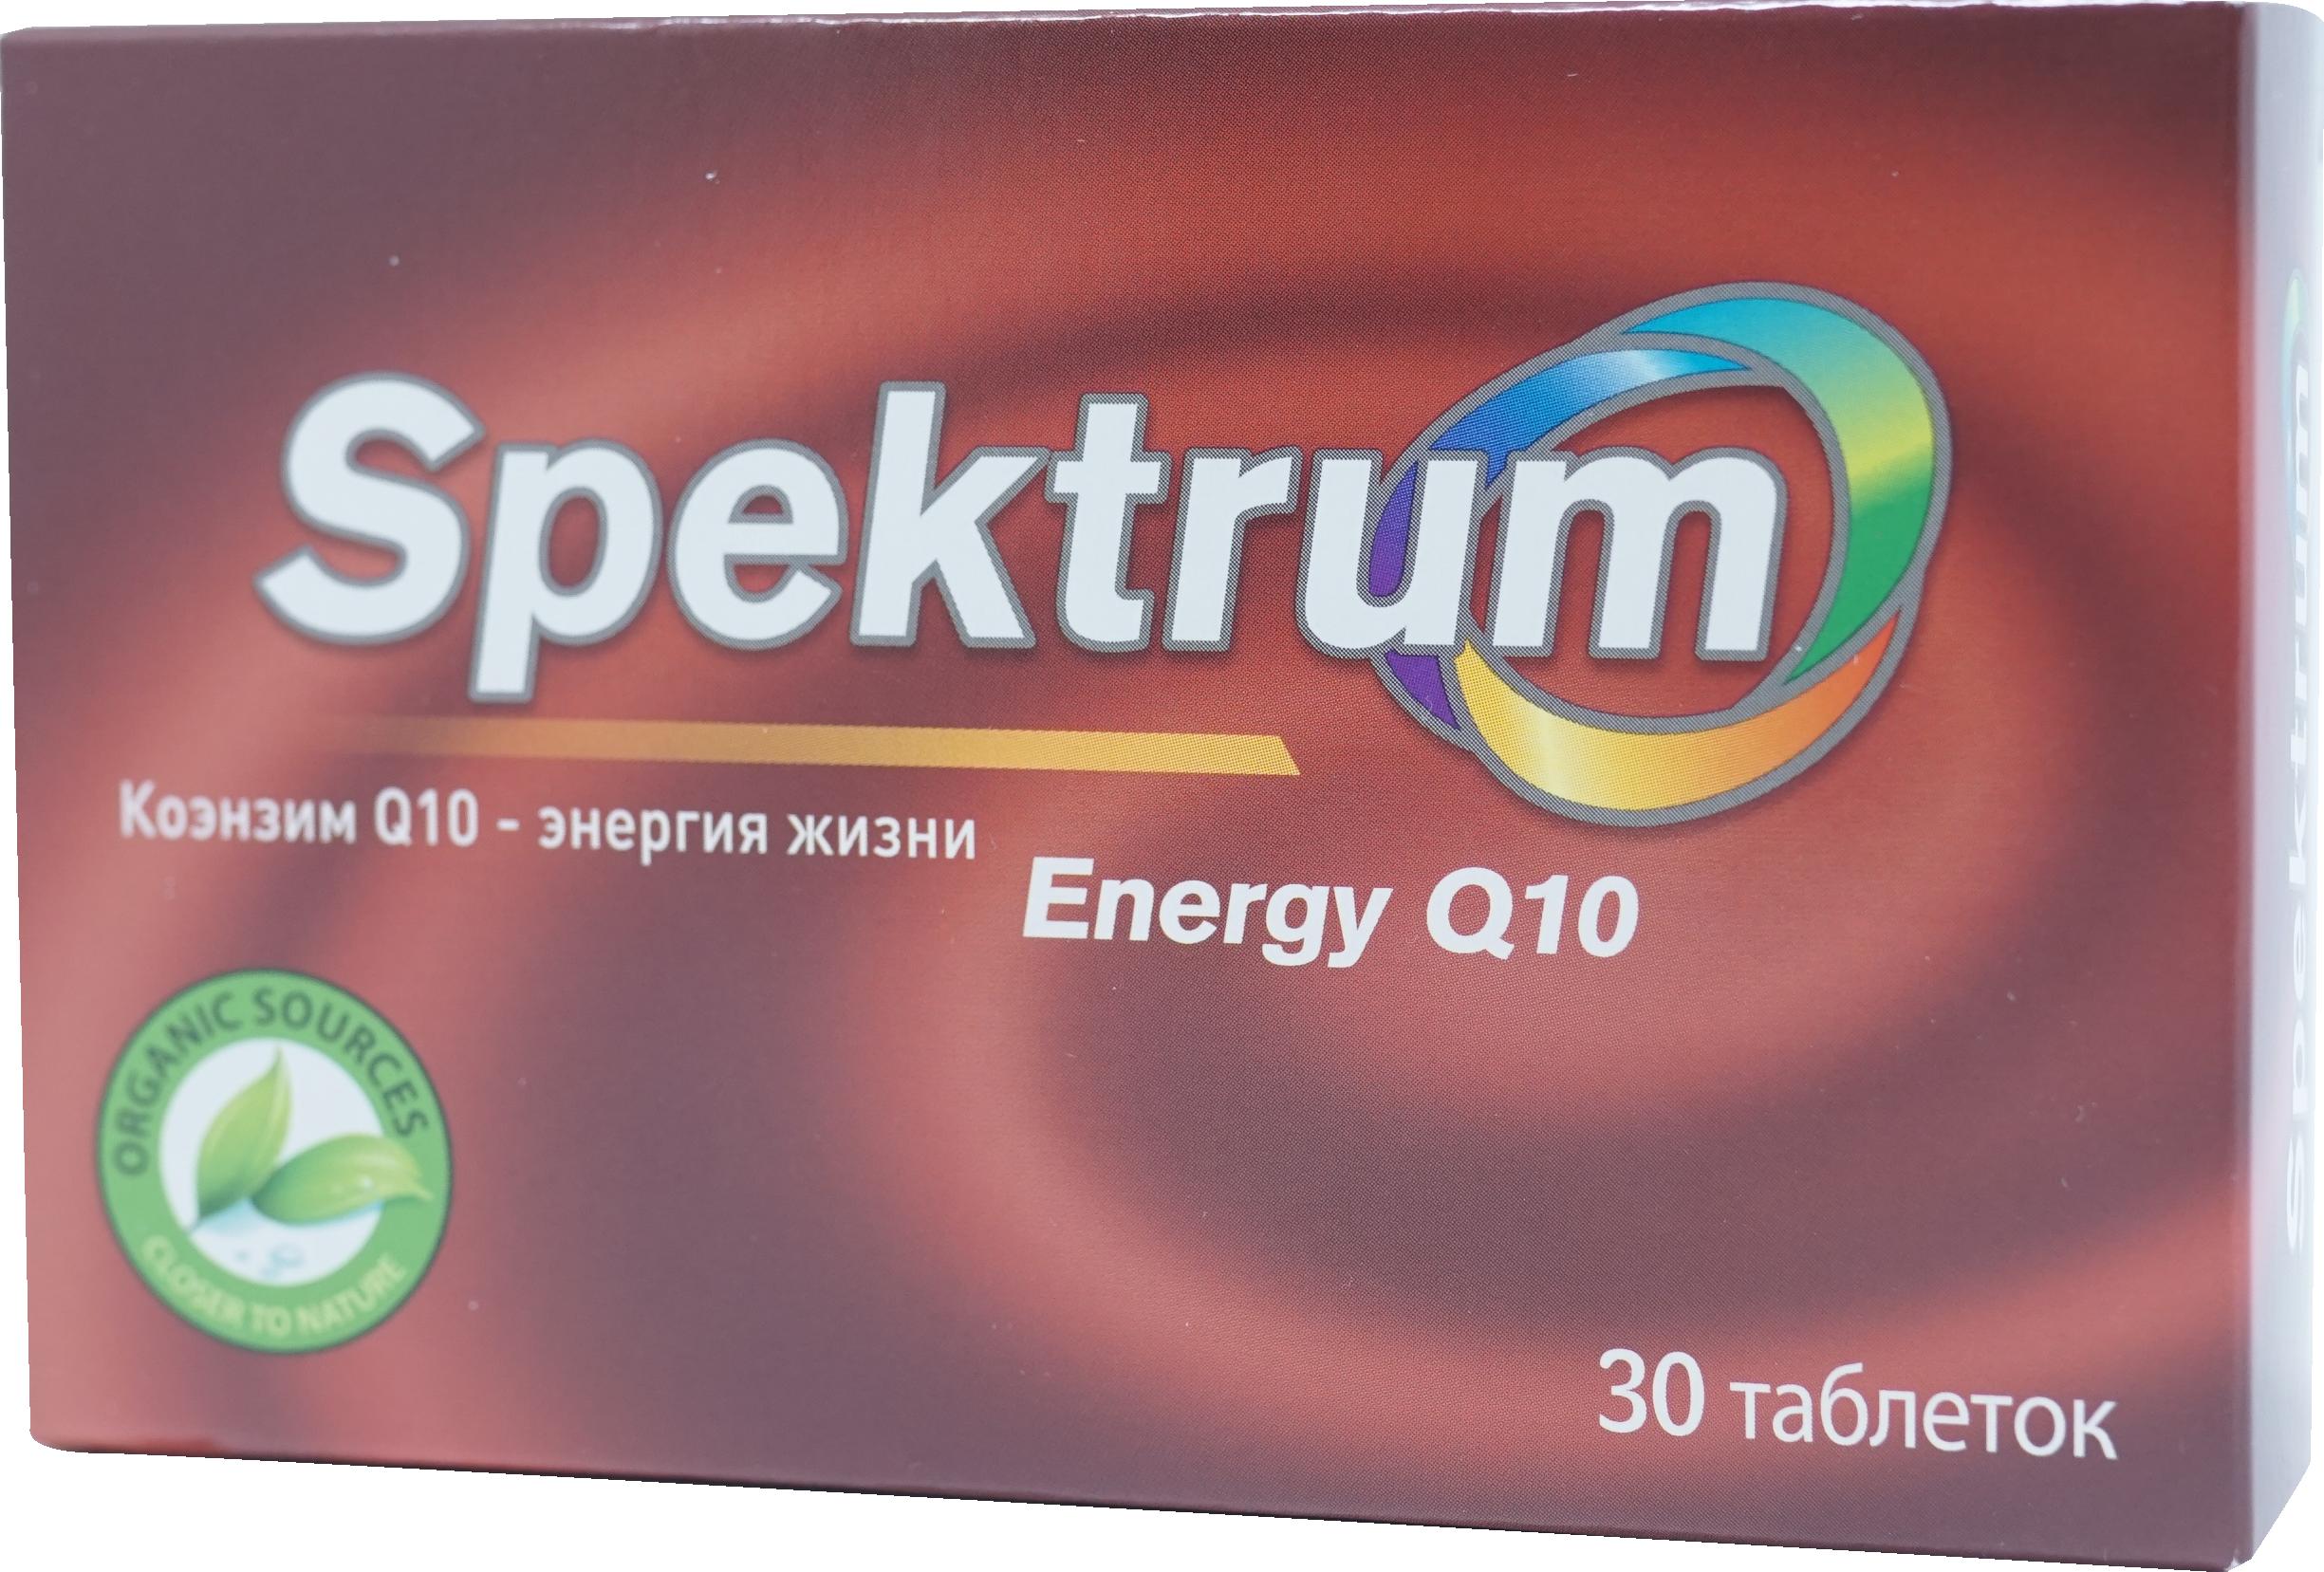 სპექტრუმ ენერჯი Q10 / Spektrum